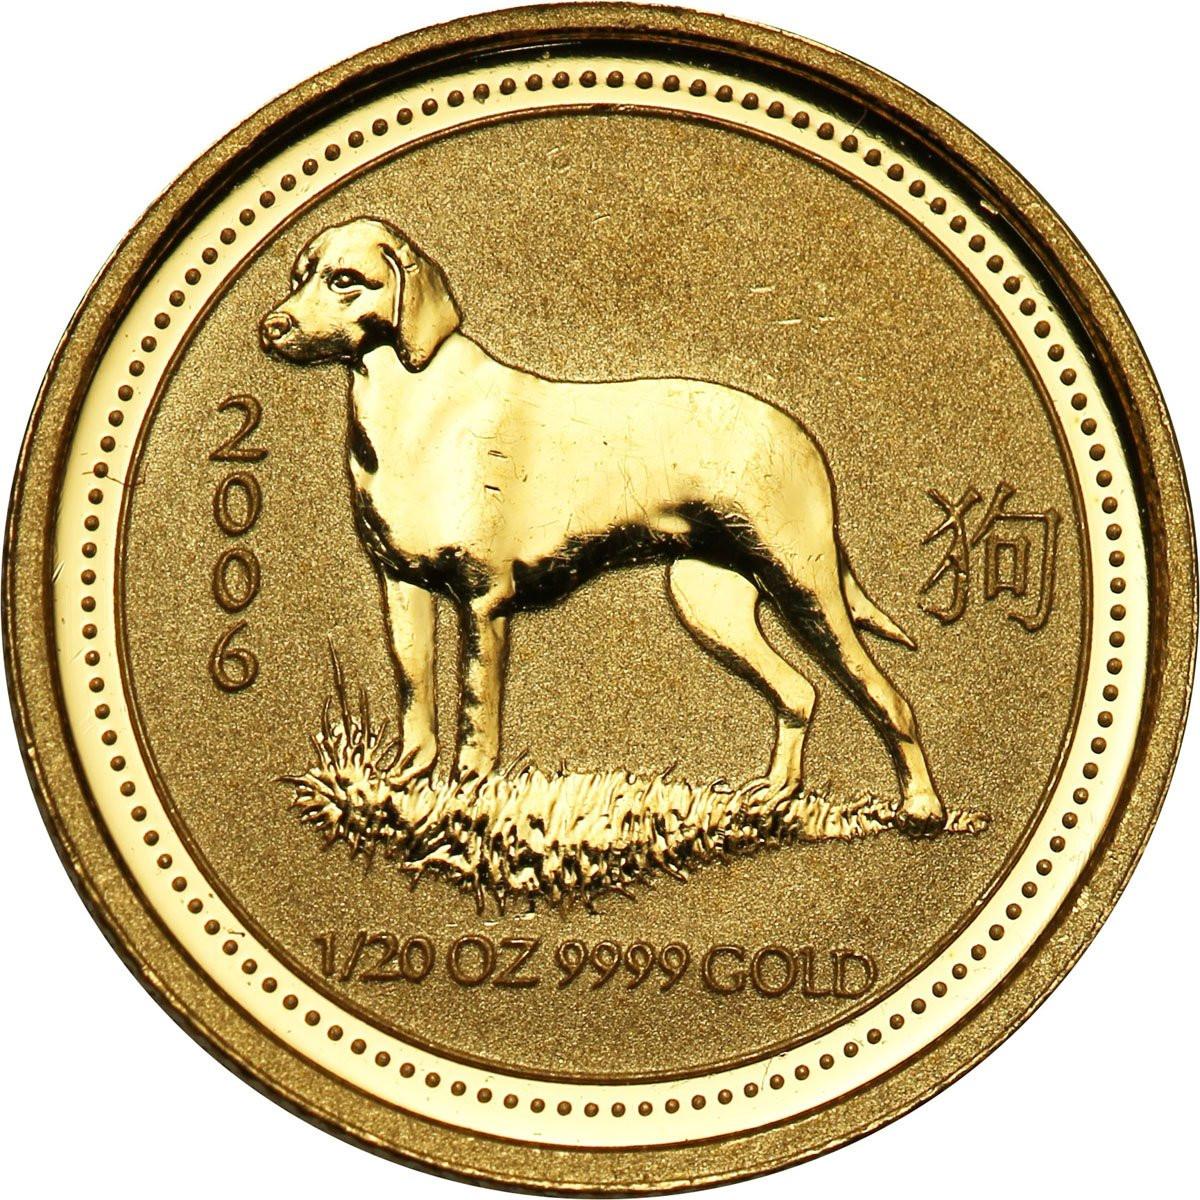 Australia 5 dolarów 2006 (1/20 uncji Au) Rok Psa st. L